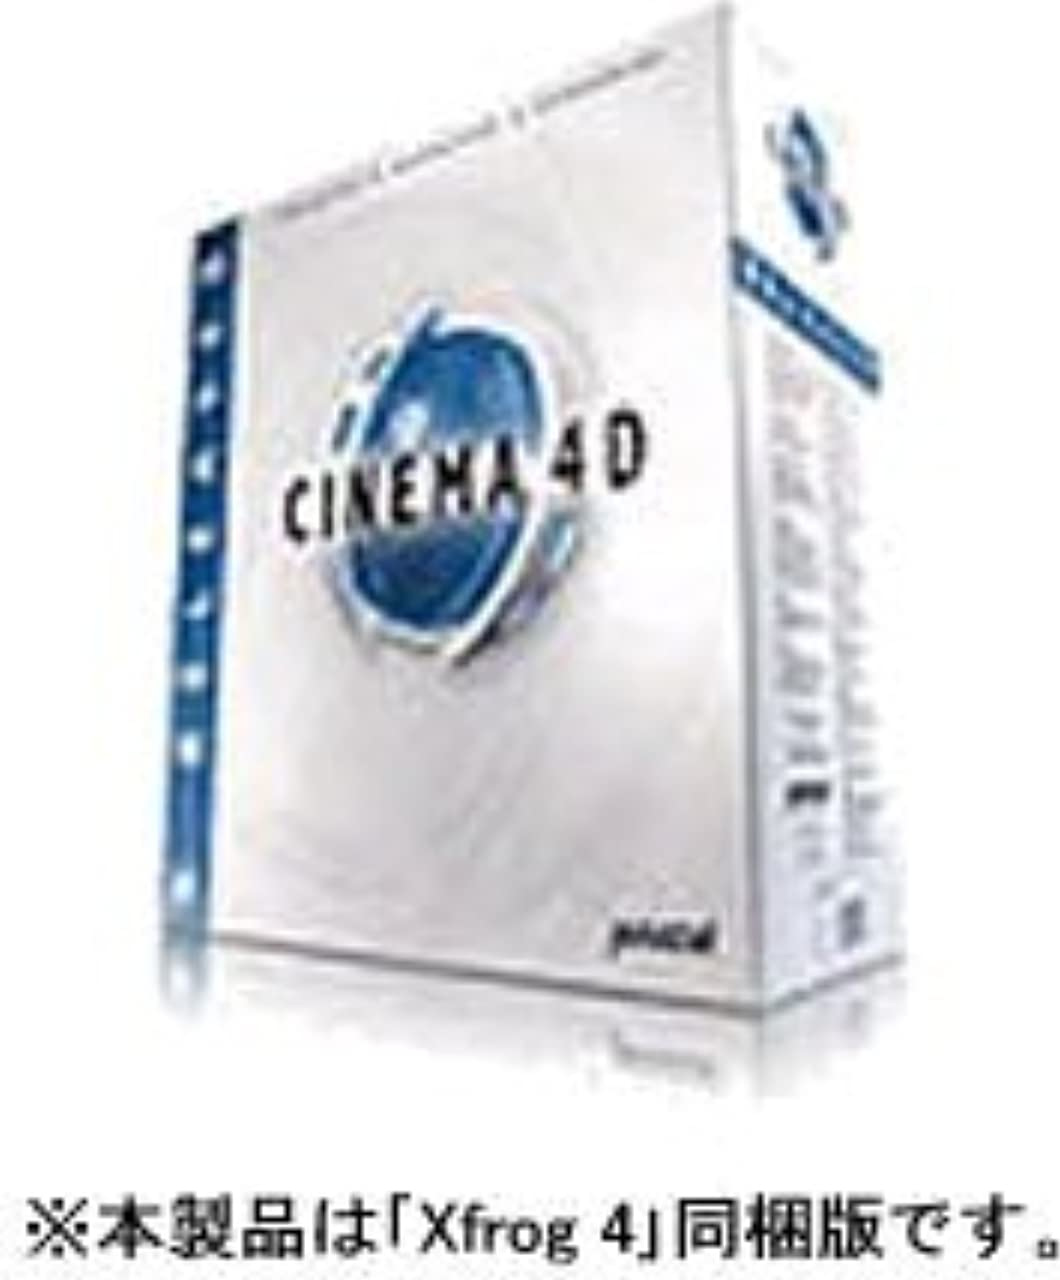 砲撃けがをする踏み台Cinema 4D Release 8.5 Xfrog 4 バンドル版 日本語版 Win